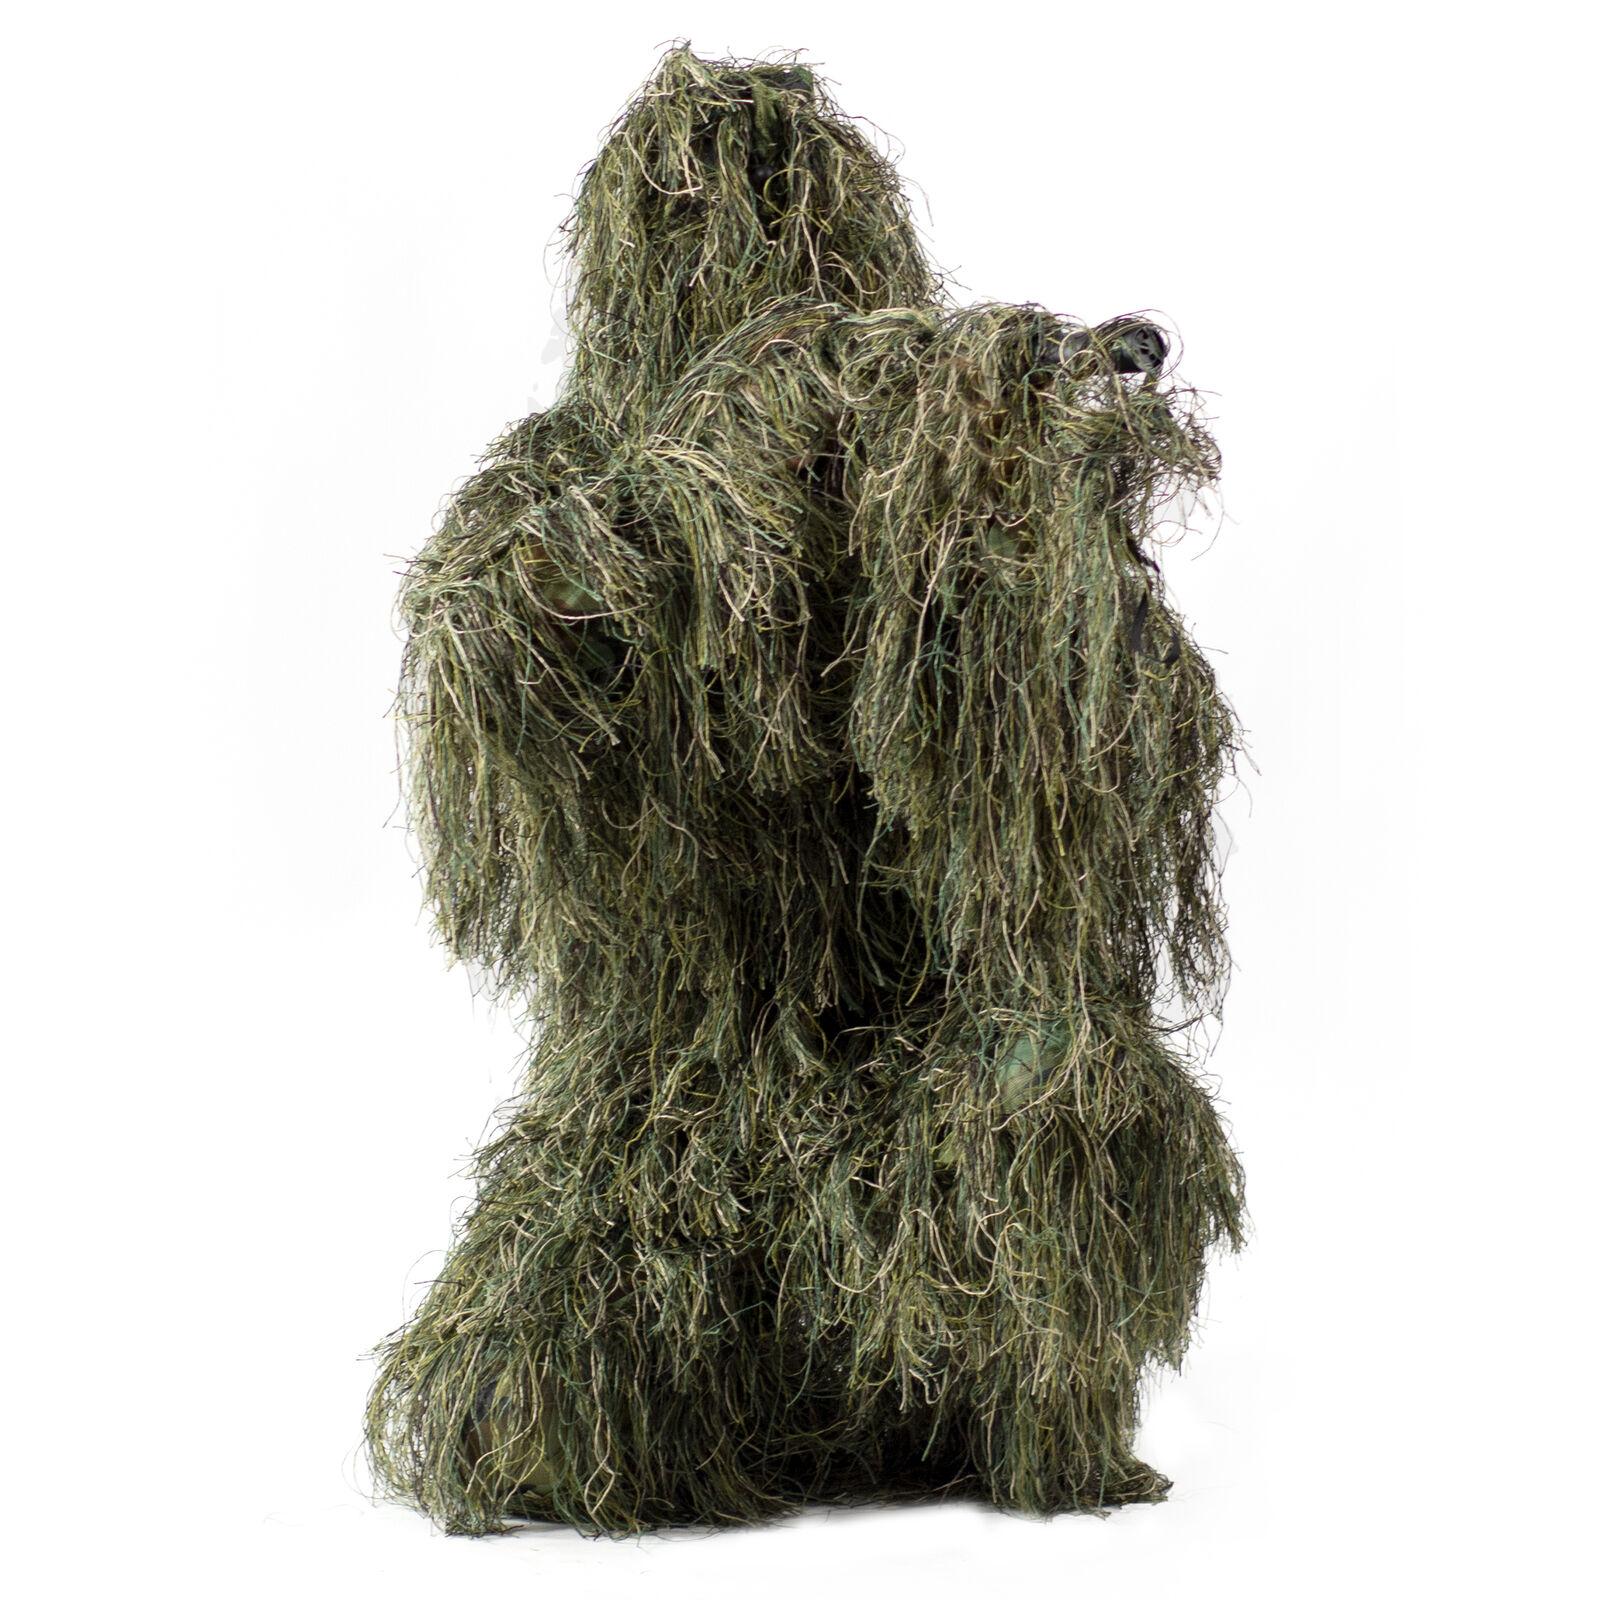 Nuevo Ghillie Suit Xl xxl Camo Woodland Camuflaje Bosque Cacería De 4 Piezas + Bolsa